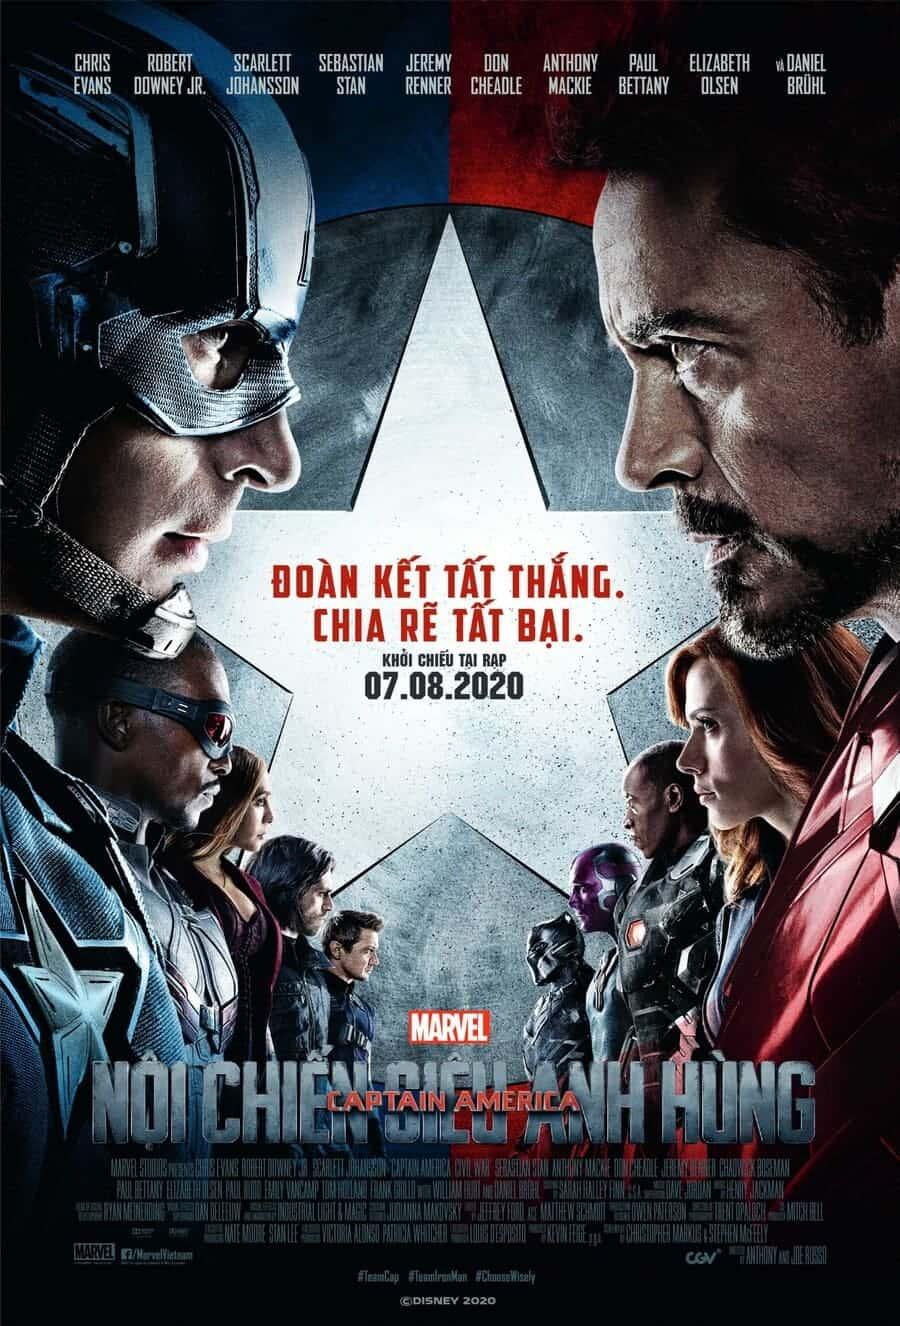 phim captain america nội chiến siêu anh hùng